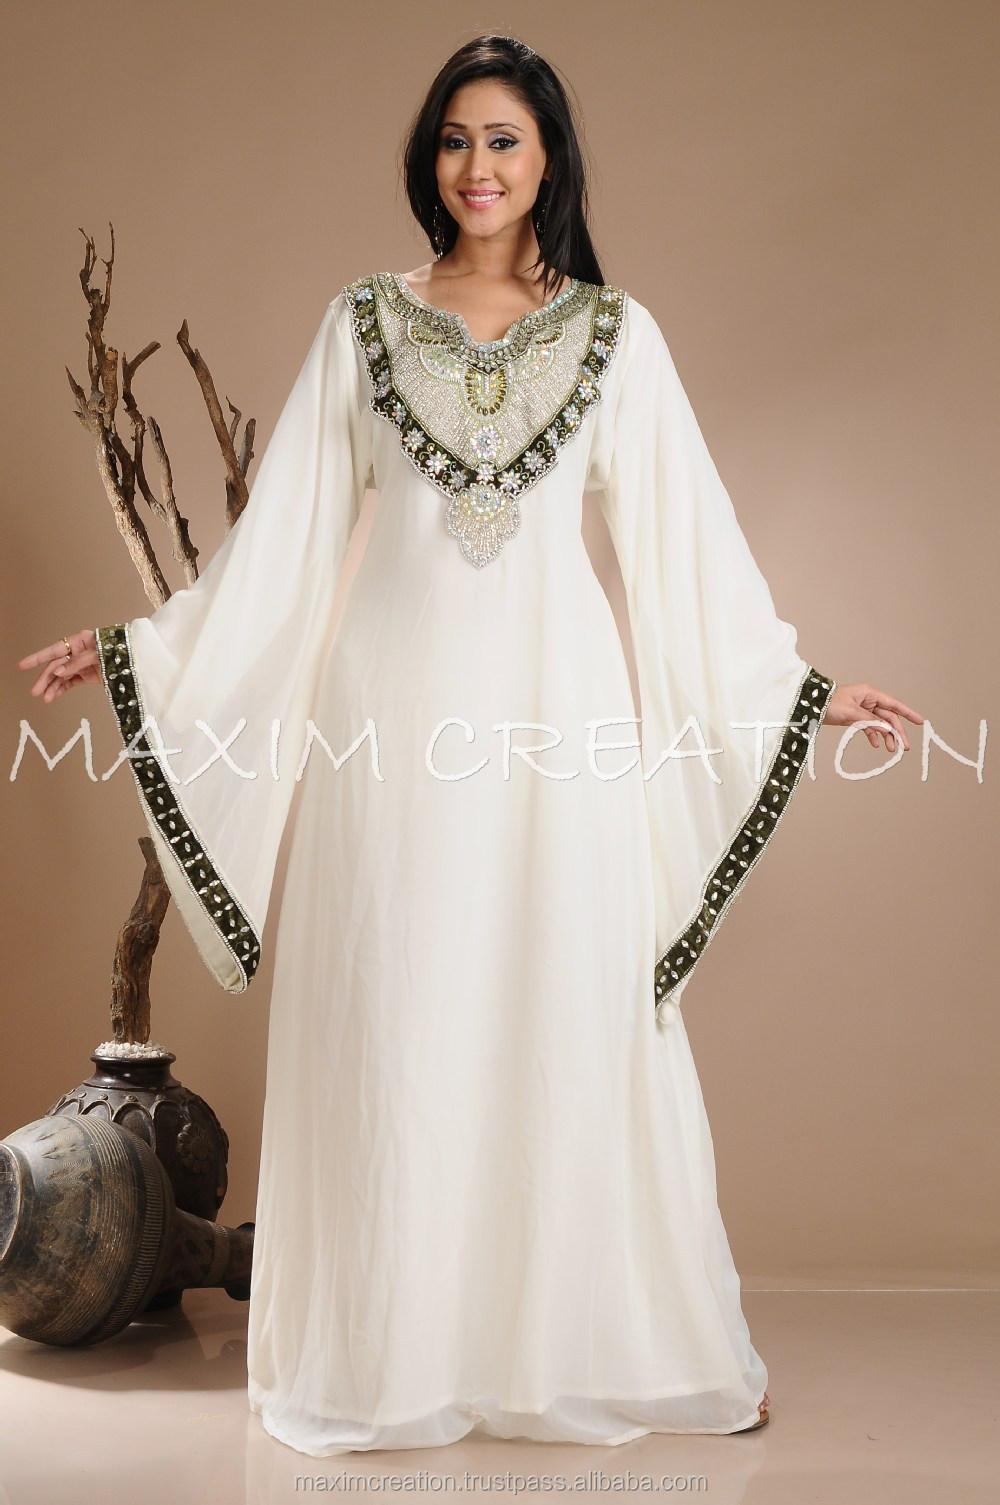 Abaya, Hijab, Islamique mesdames nouvelle robe